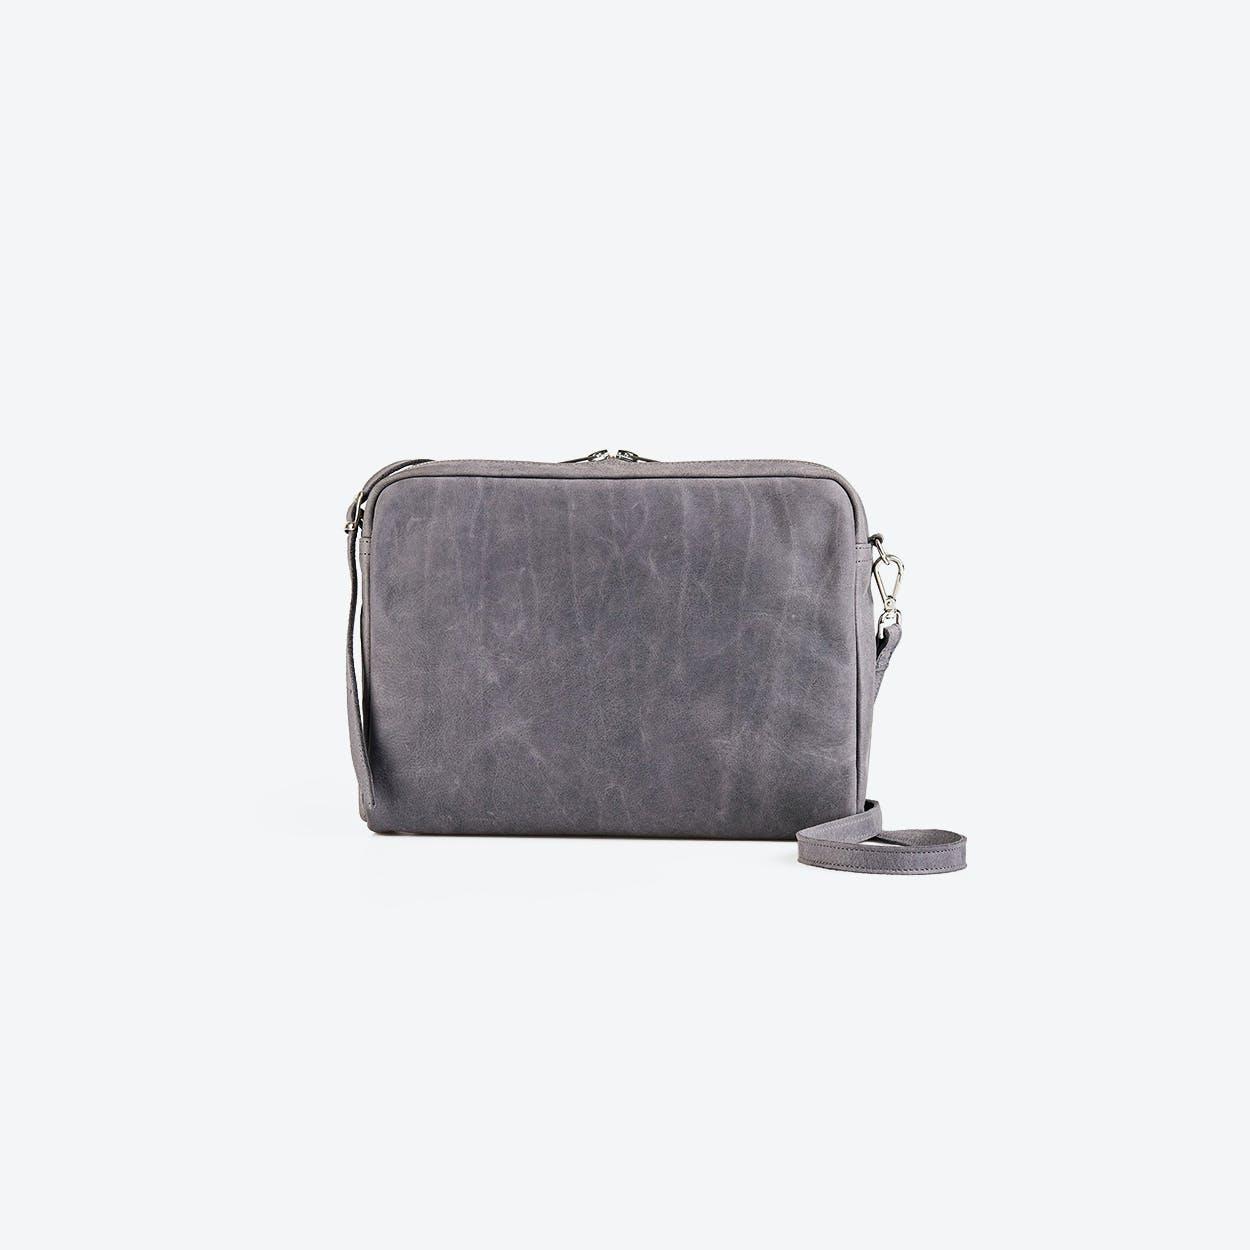 POPINS Blue Leather Shoulder Bag